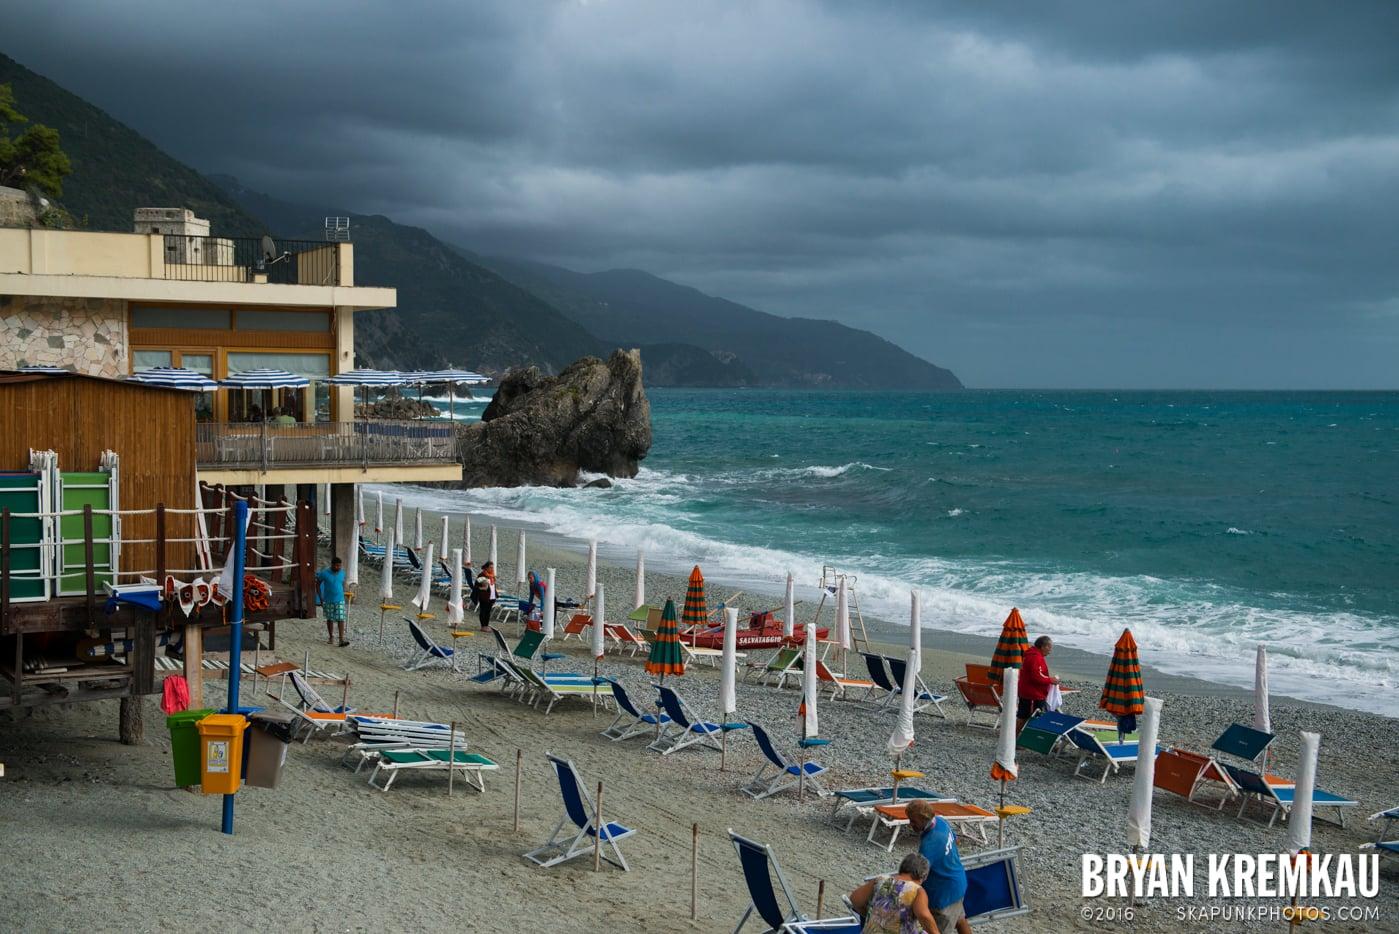 Italy Vacation - Day 10: Cinque Terre - 9.18.13 (31)